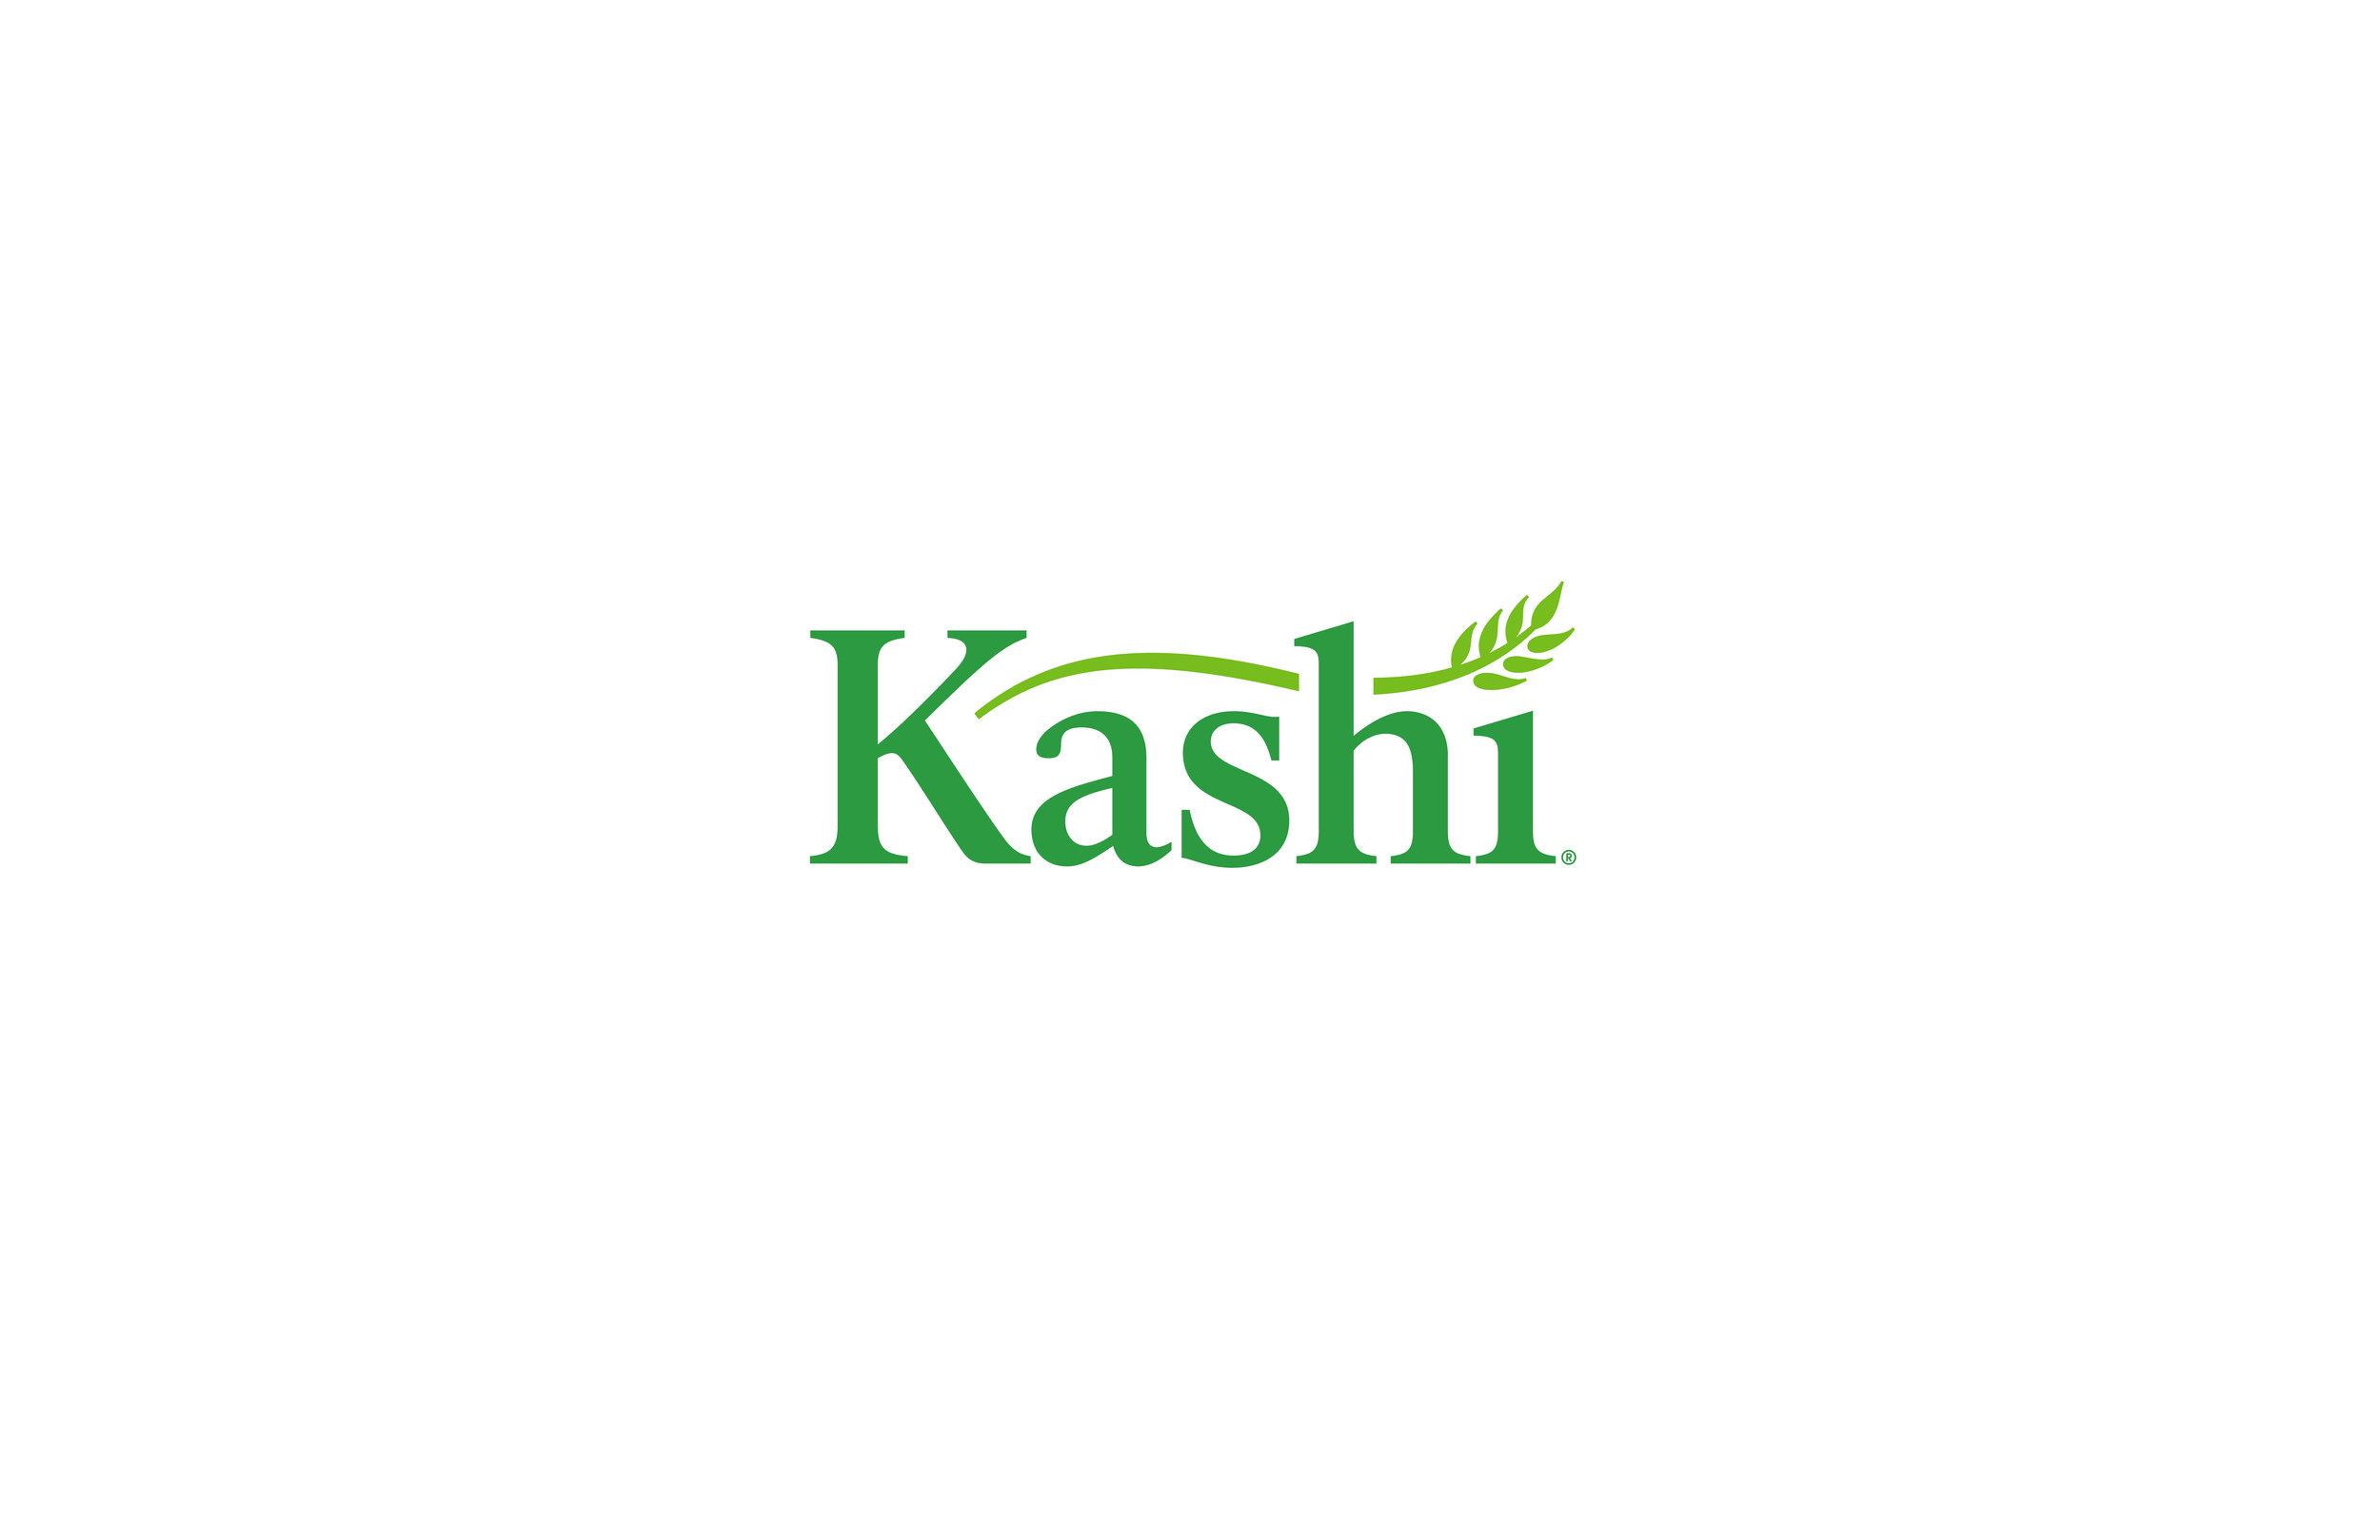 KashiByKids_CaseStudy_V2-01.jpg